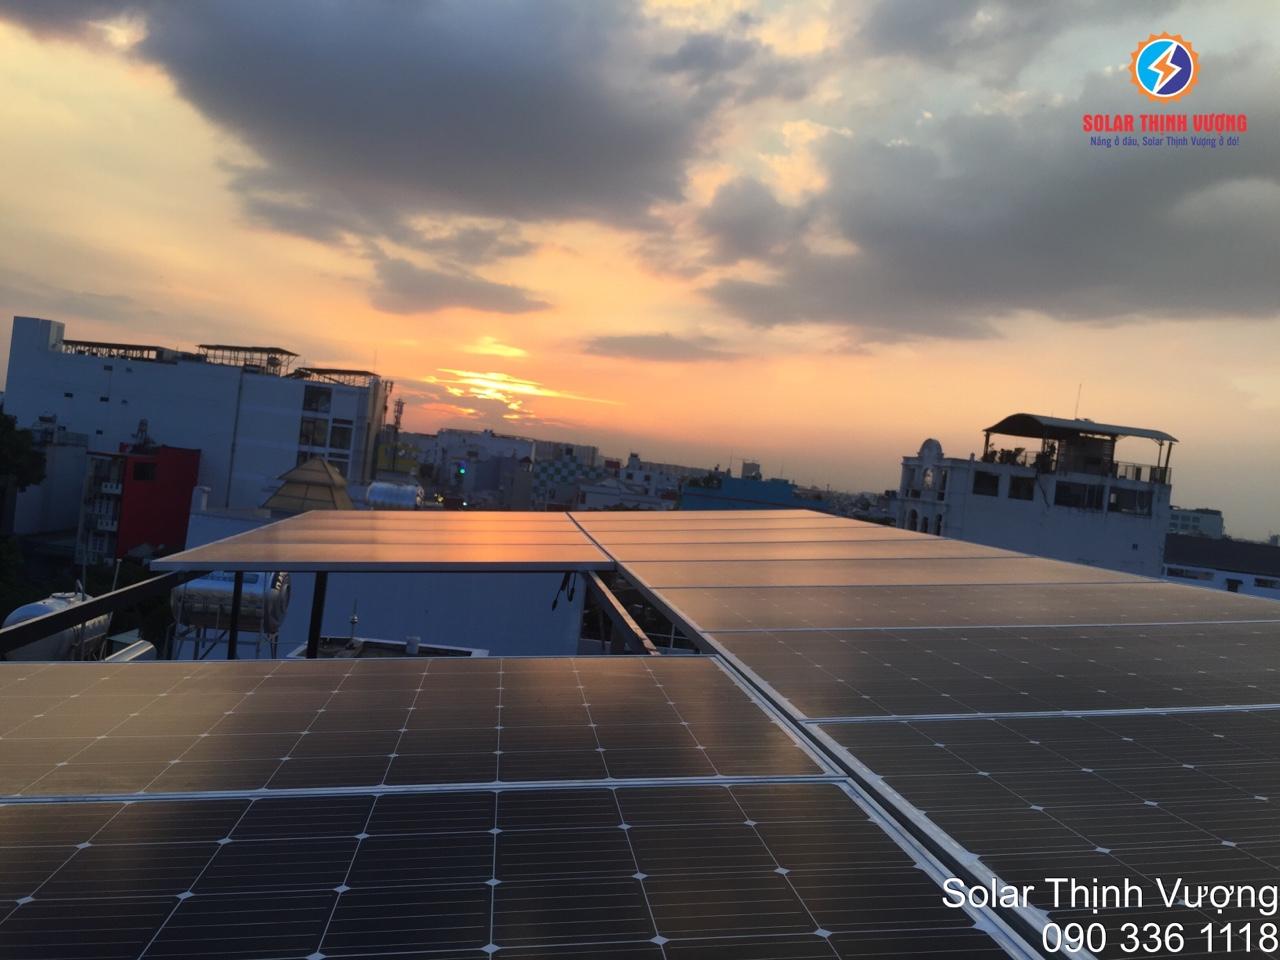 Lắp đặt điện năng lượng mặt trời cho gia đình tiết kiệm như thế nào ?